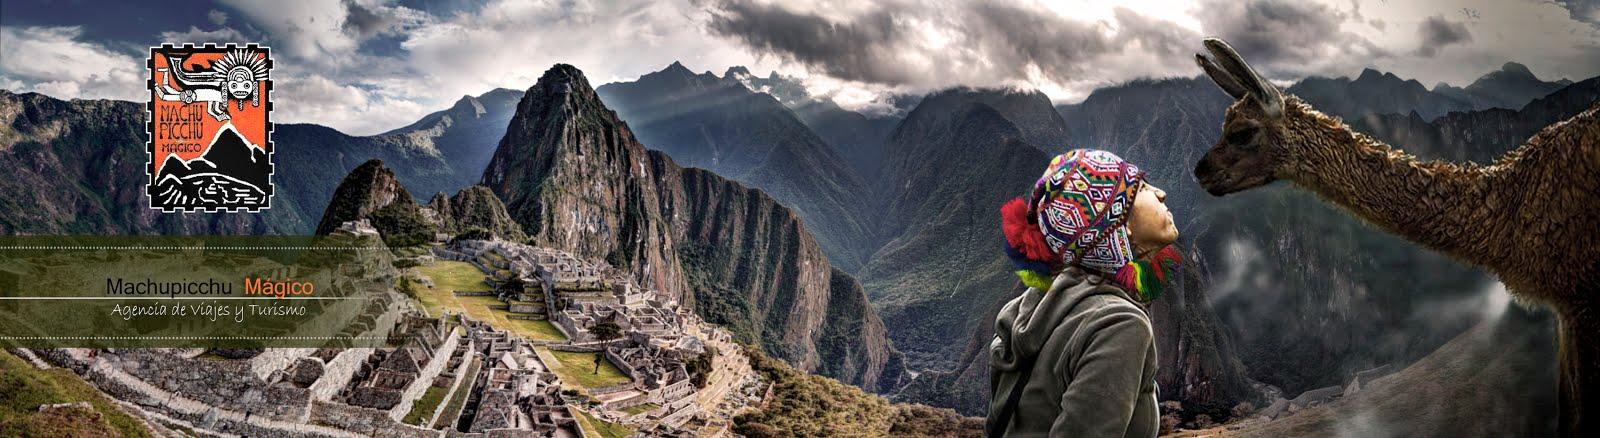 Tour Perú Machupicchu Machu Picchu Mágico Agencia de Viajes